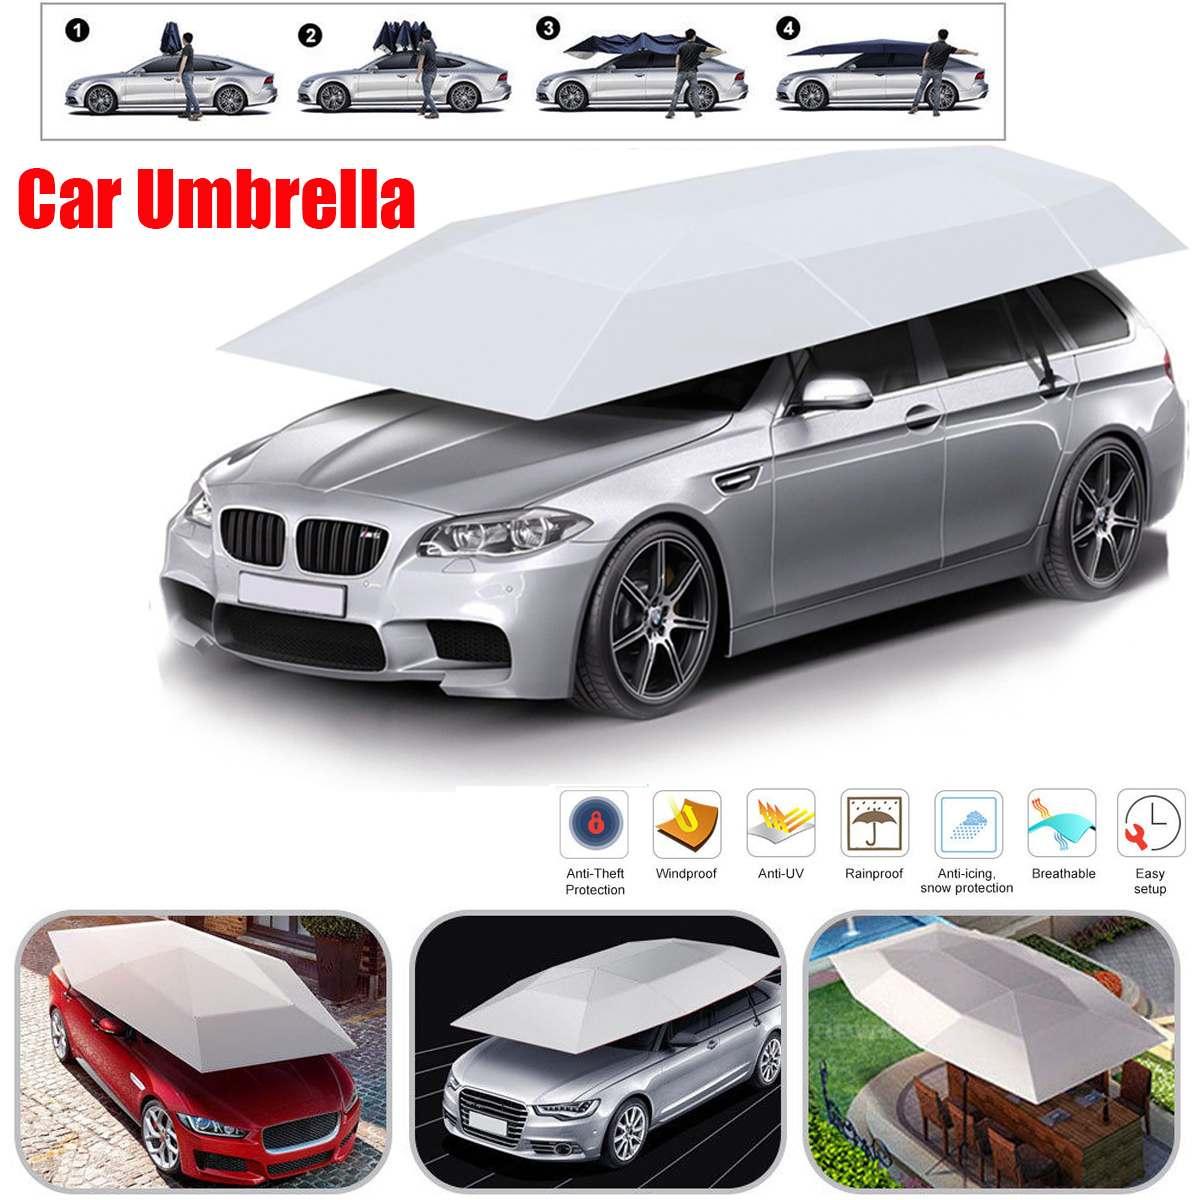 Le véhicule de voiture Semi automatique portatif couvre le parasol automatique pliable extérieur parapluie Anti-UV de voiture accessoires d'ombre de soleil